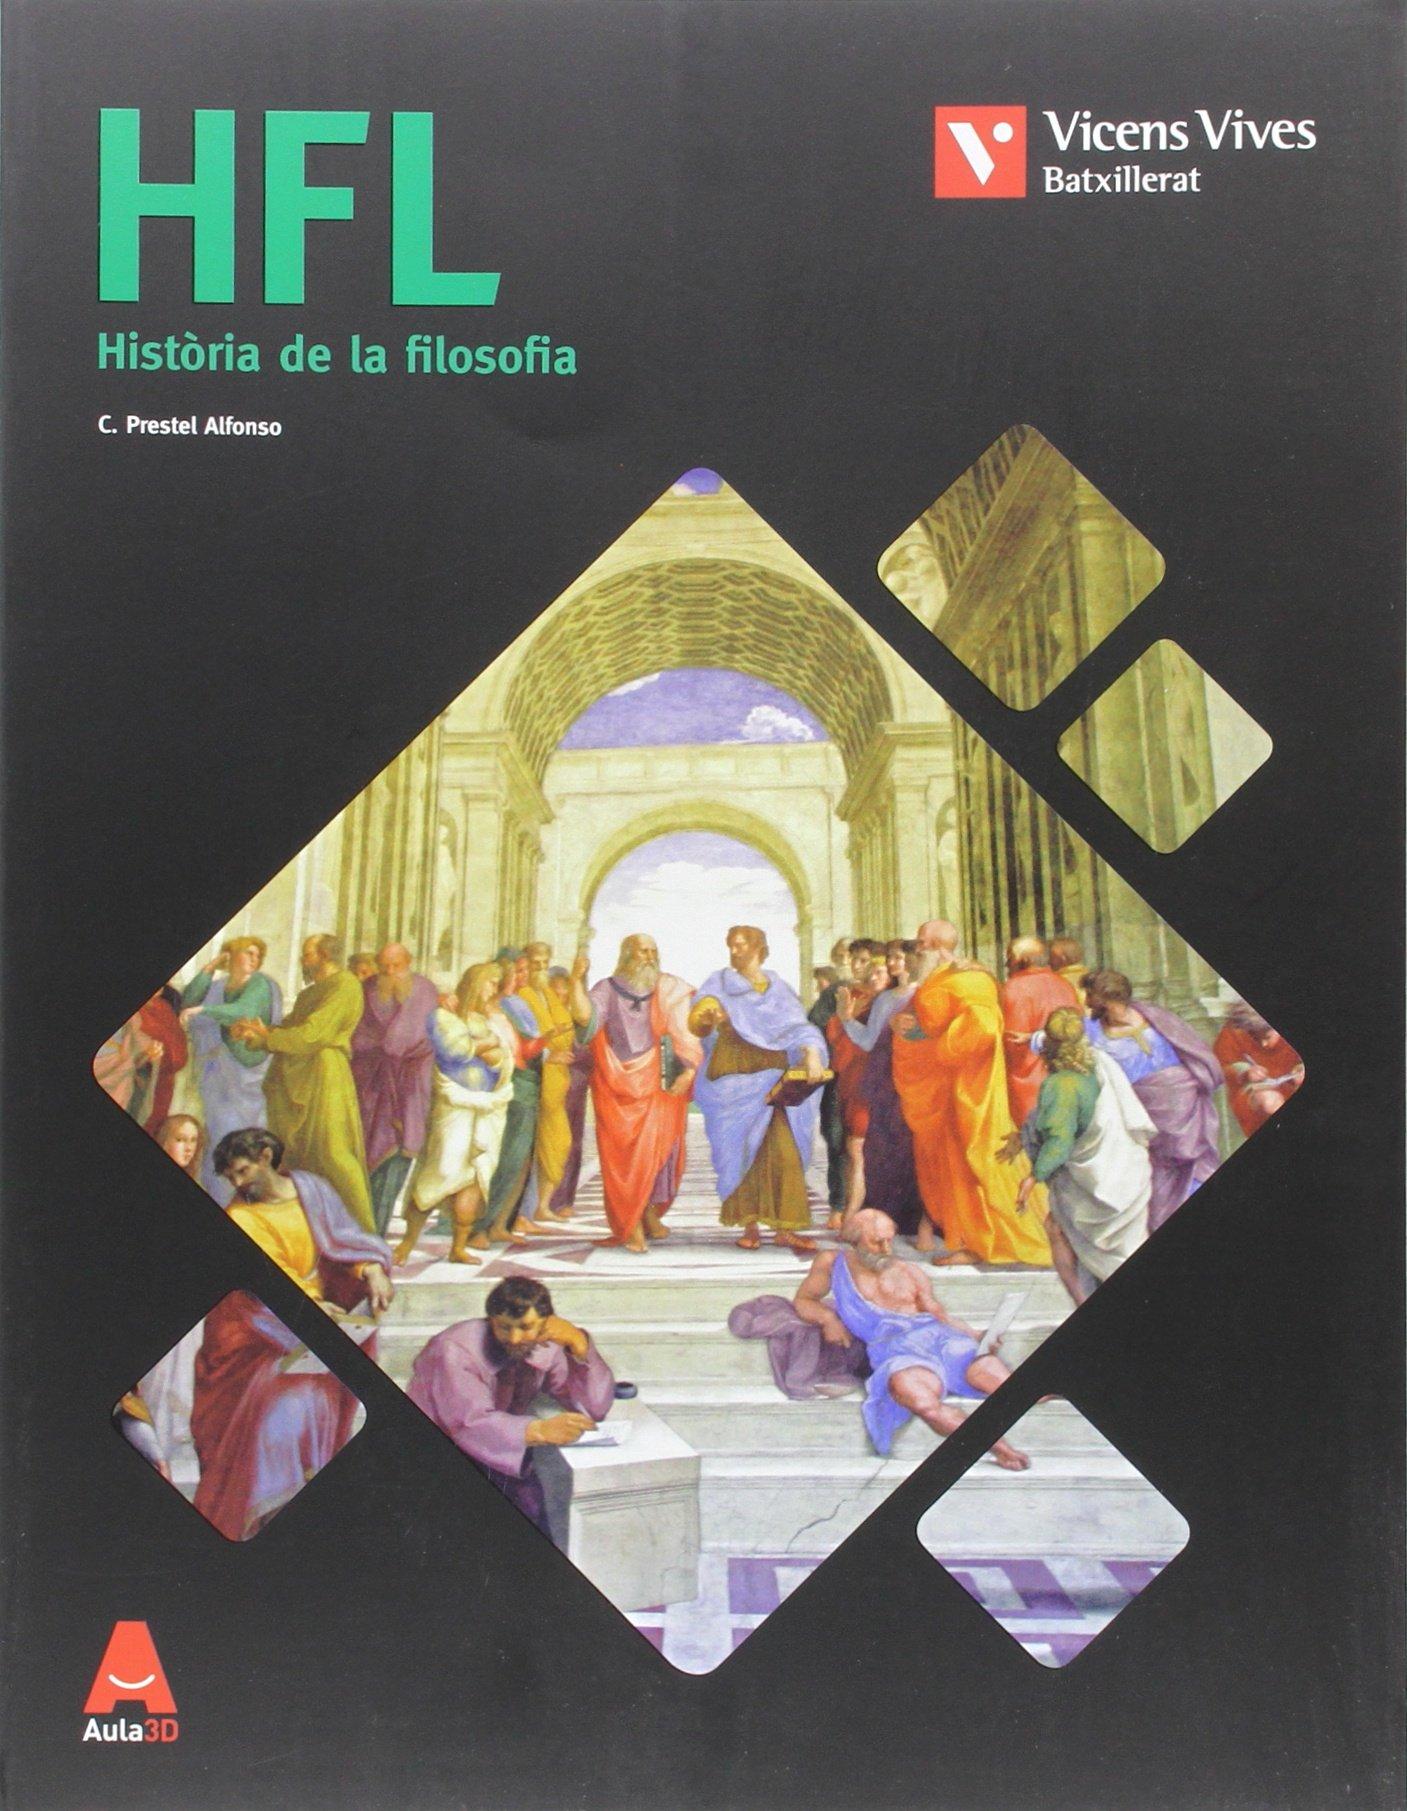 HFL HISTORIA DE LA FILOSOFIA BATXILLERAT AULA 3D: 000001 - 9788468236070: Amazon.es: Prestel Alfonso, Cesar Pedro: Libros